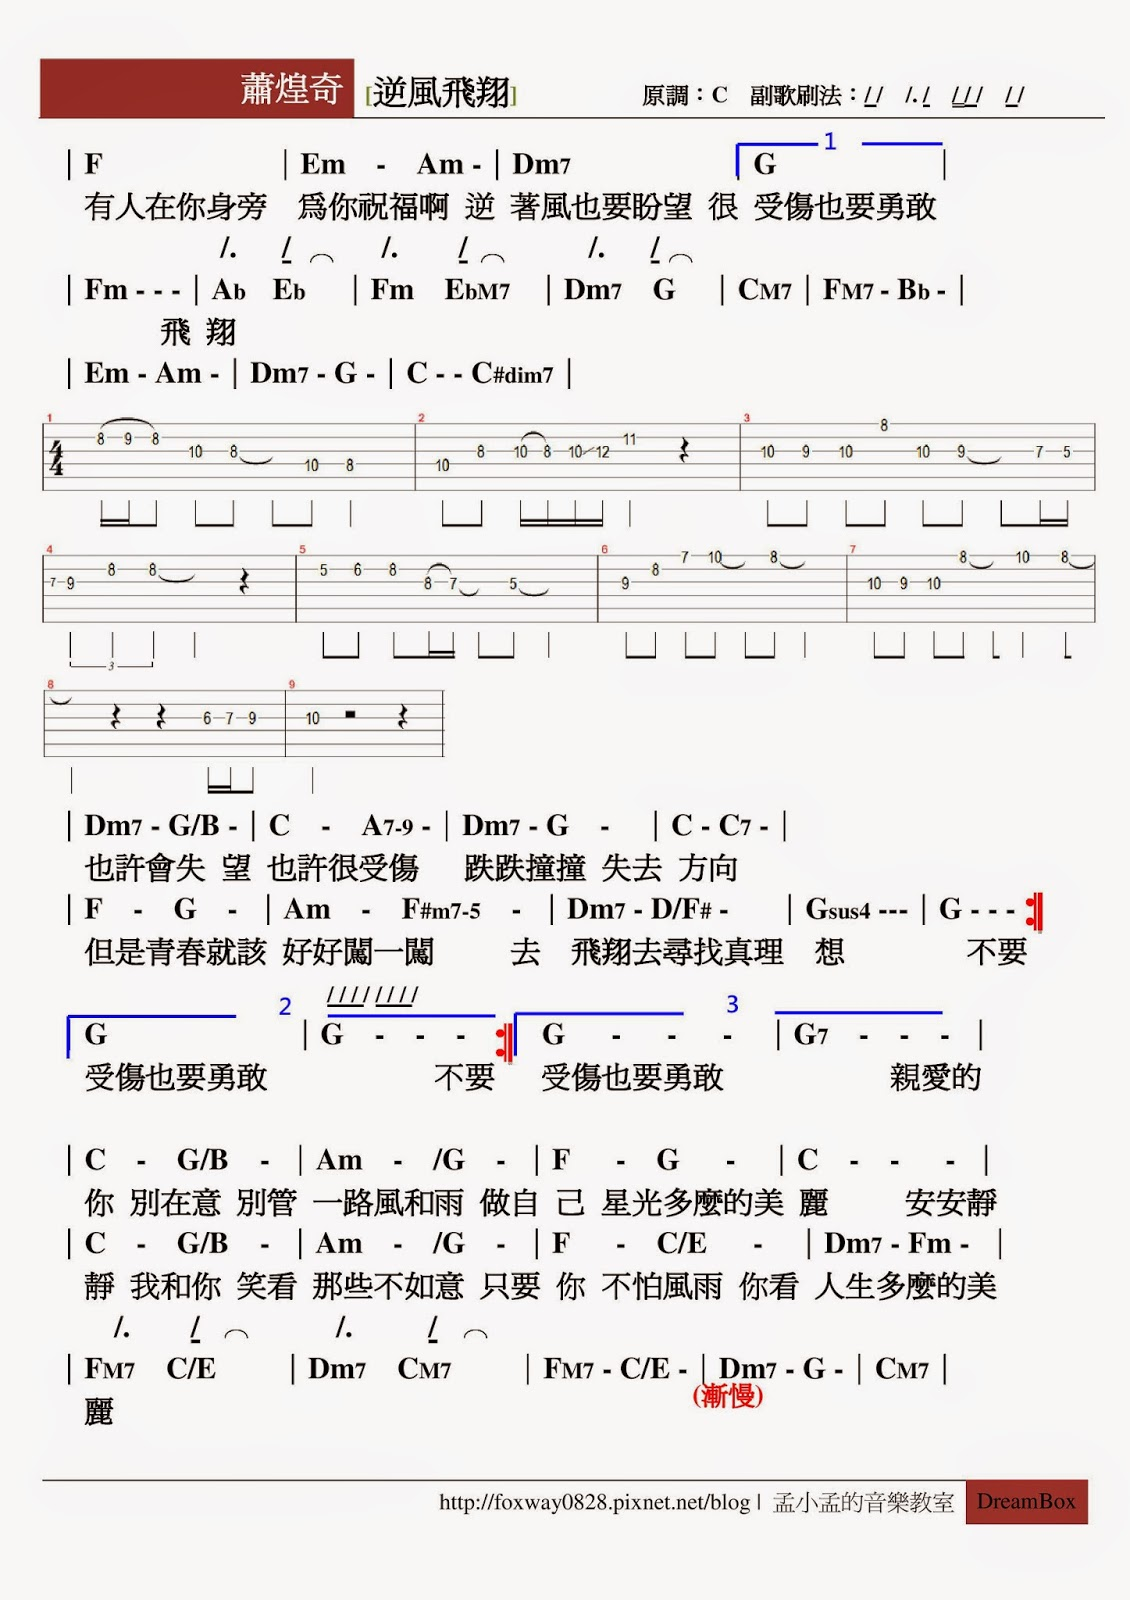 小孟的音樂教室: 蕭煌奇-逆風飛翔 /簡譜/吉他譜/TAB